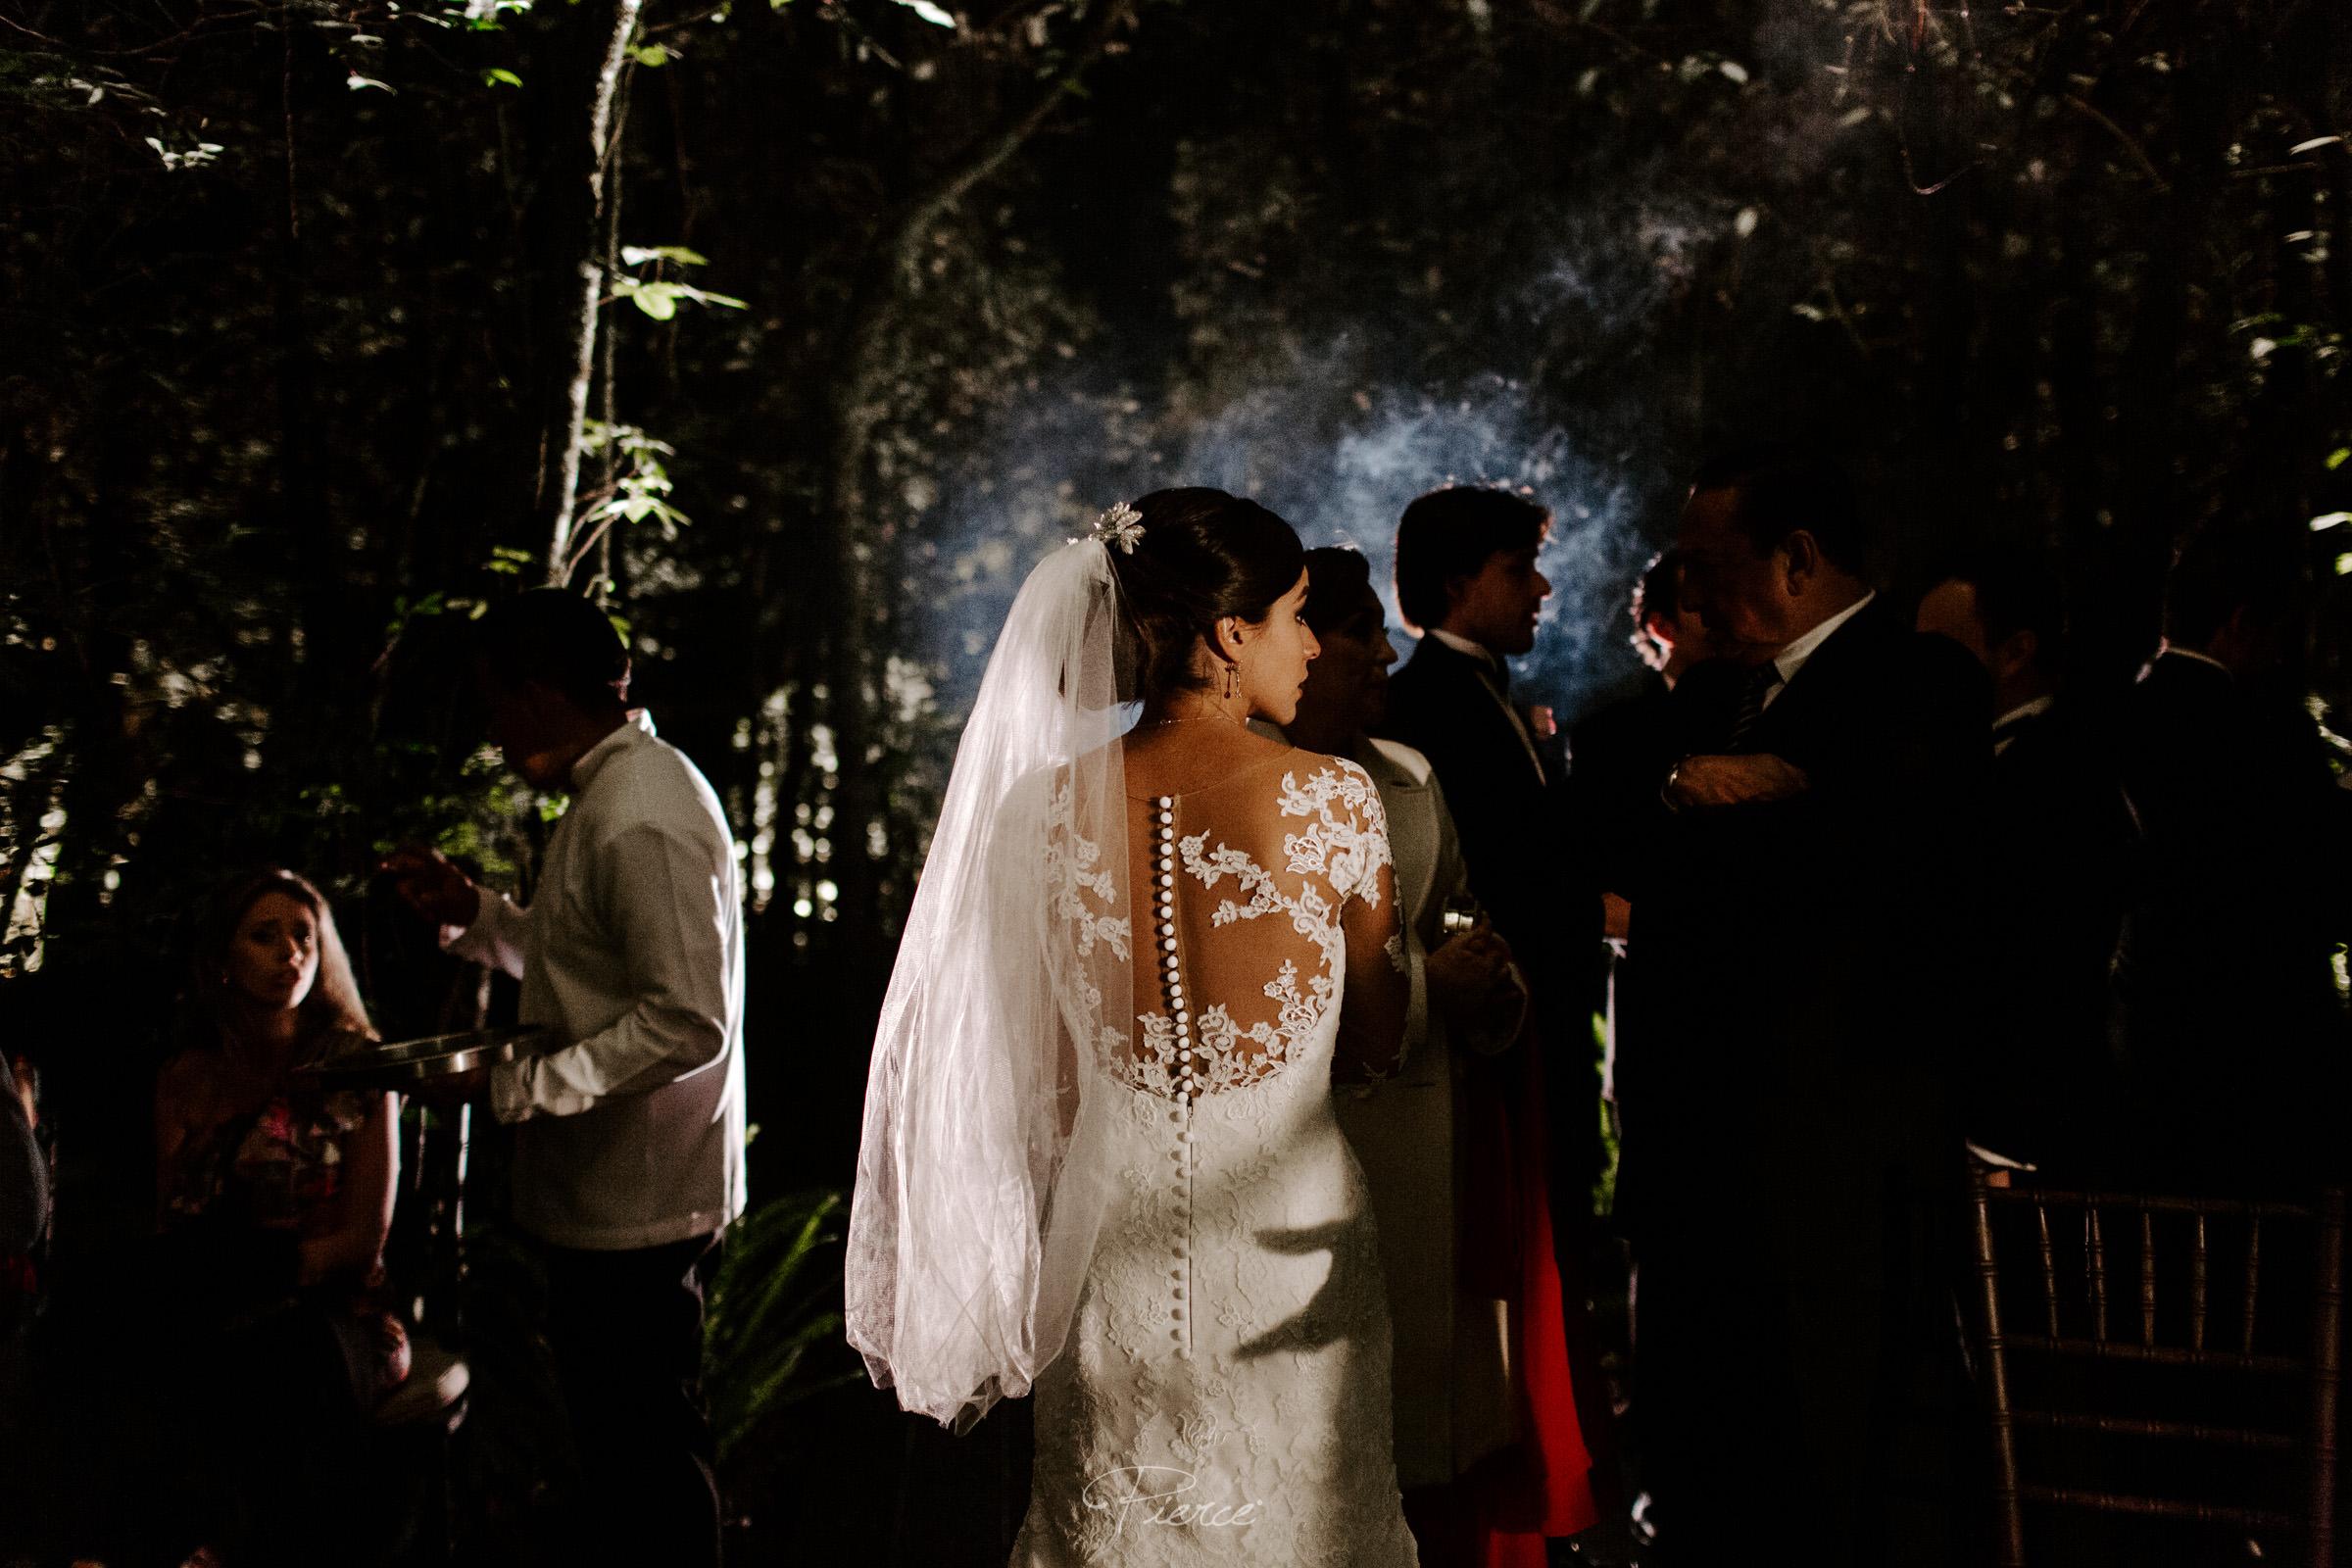 fotografia-de-boda-valle-de-bravo-mexico-rosmarino-pierce-weddings-0122.JPG